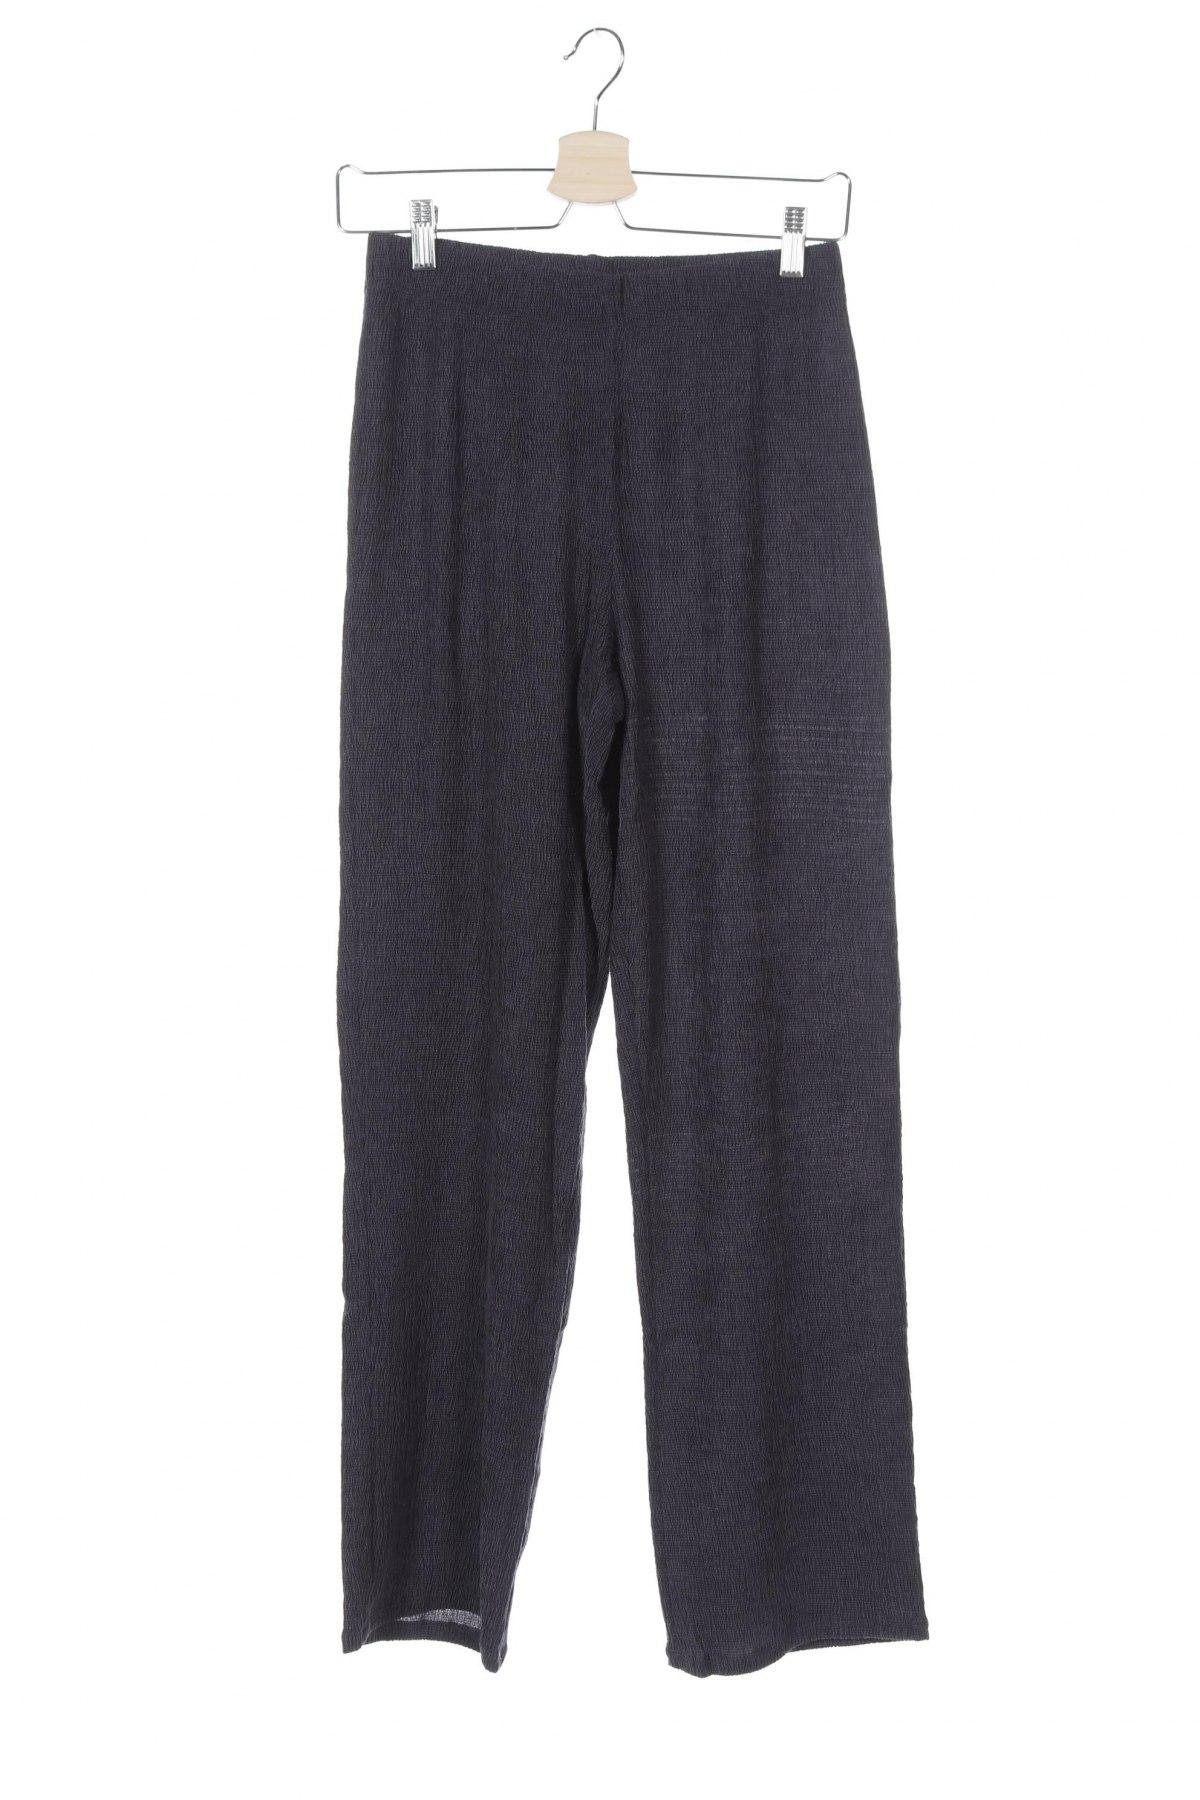 Γυναικείο αθλητικό παντελόνι Myrine, Μέγεθος XS, Χρώμα Μπλέ, 81% πολυεστέρας, 18% βισκόζη, 1% ελαστάνη, Τιμή 6,32€